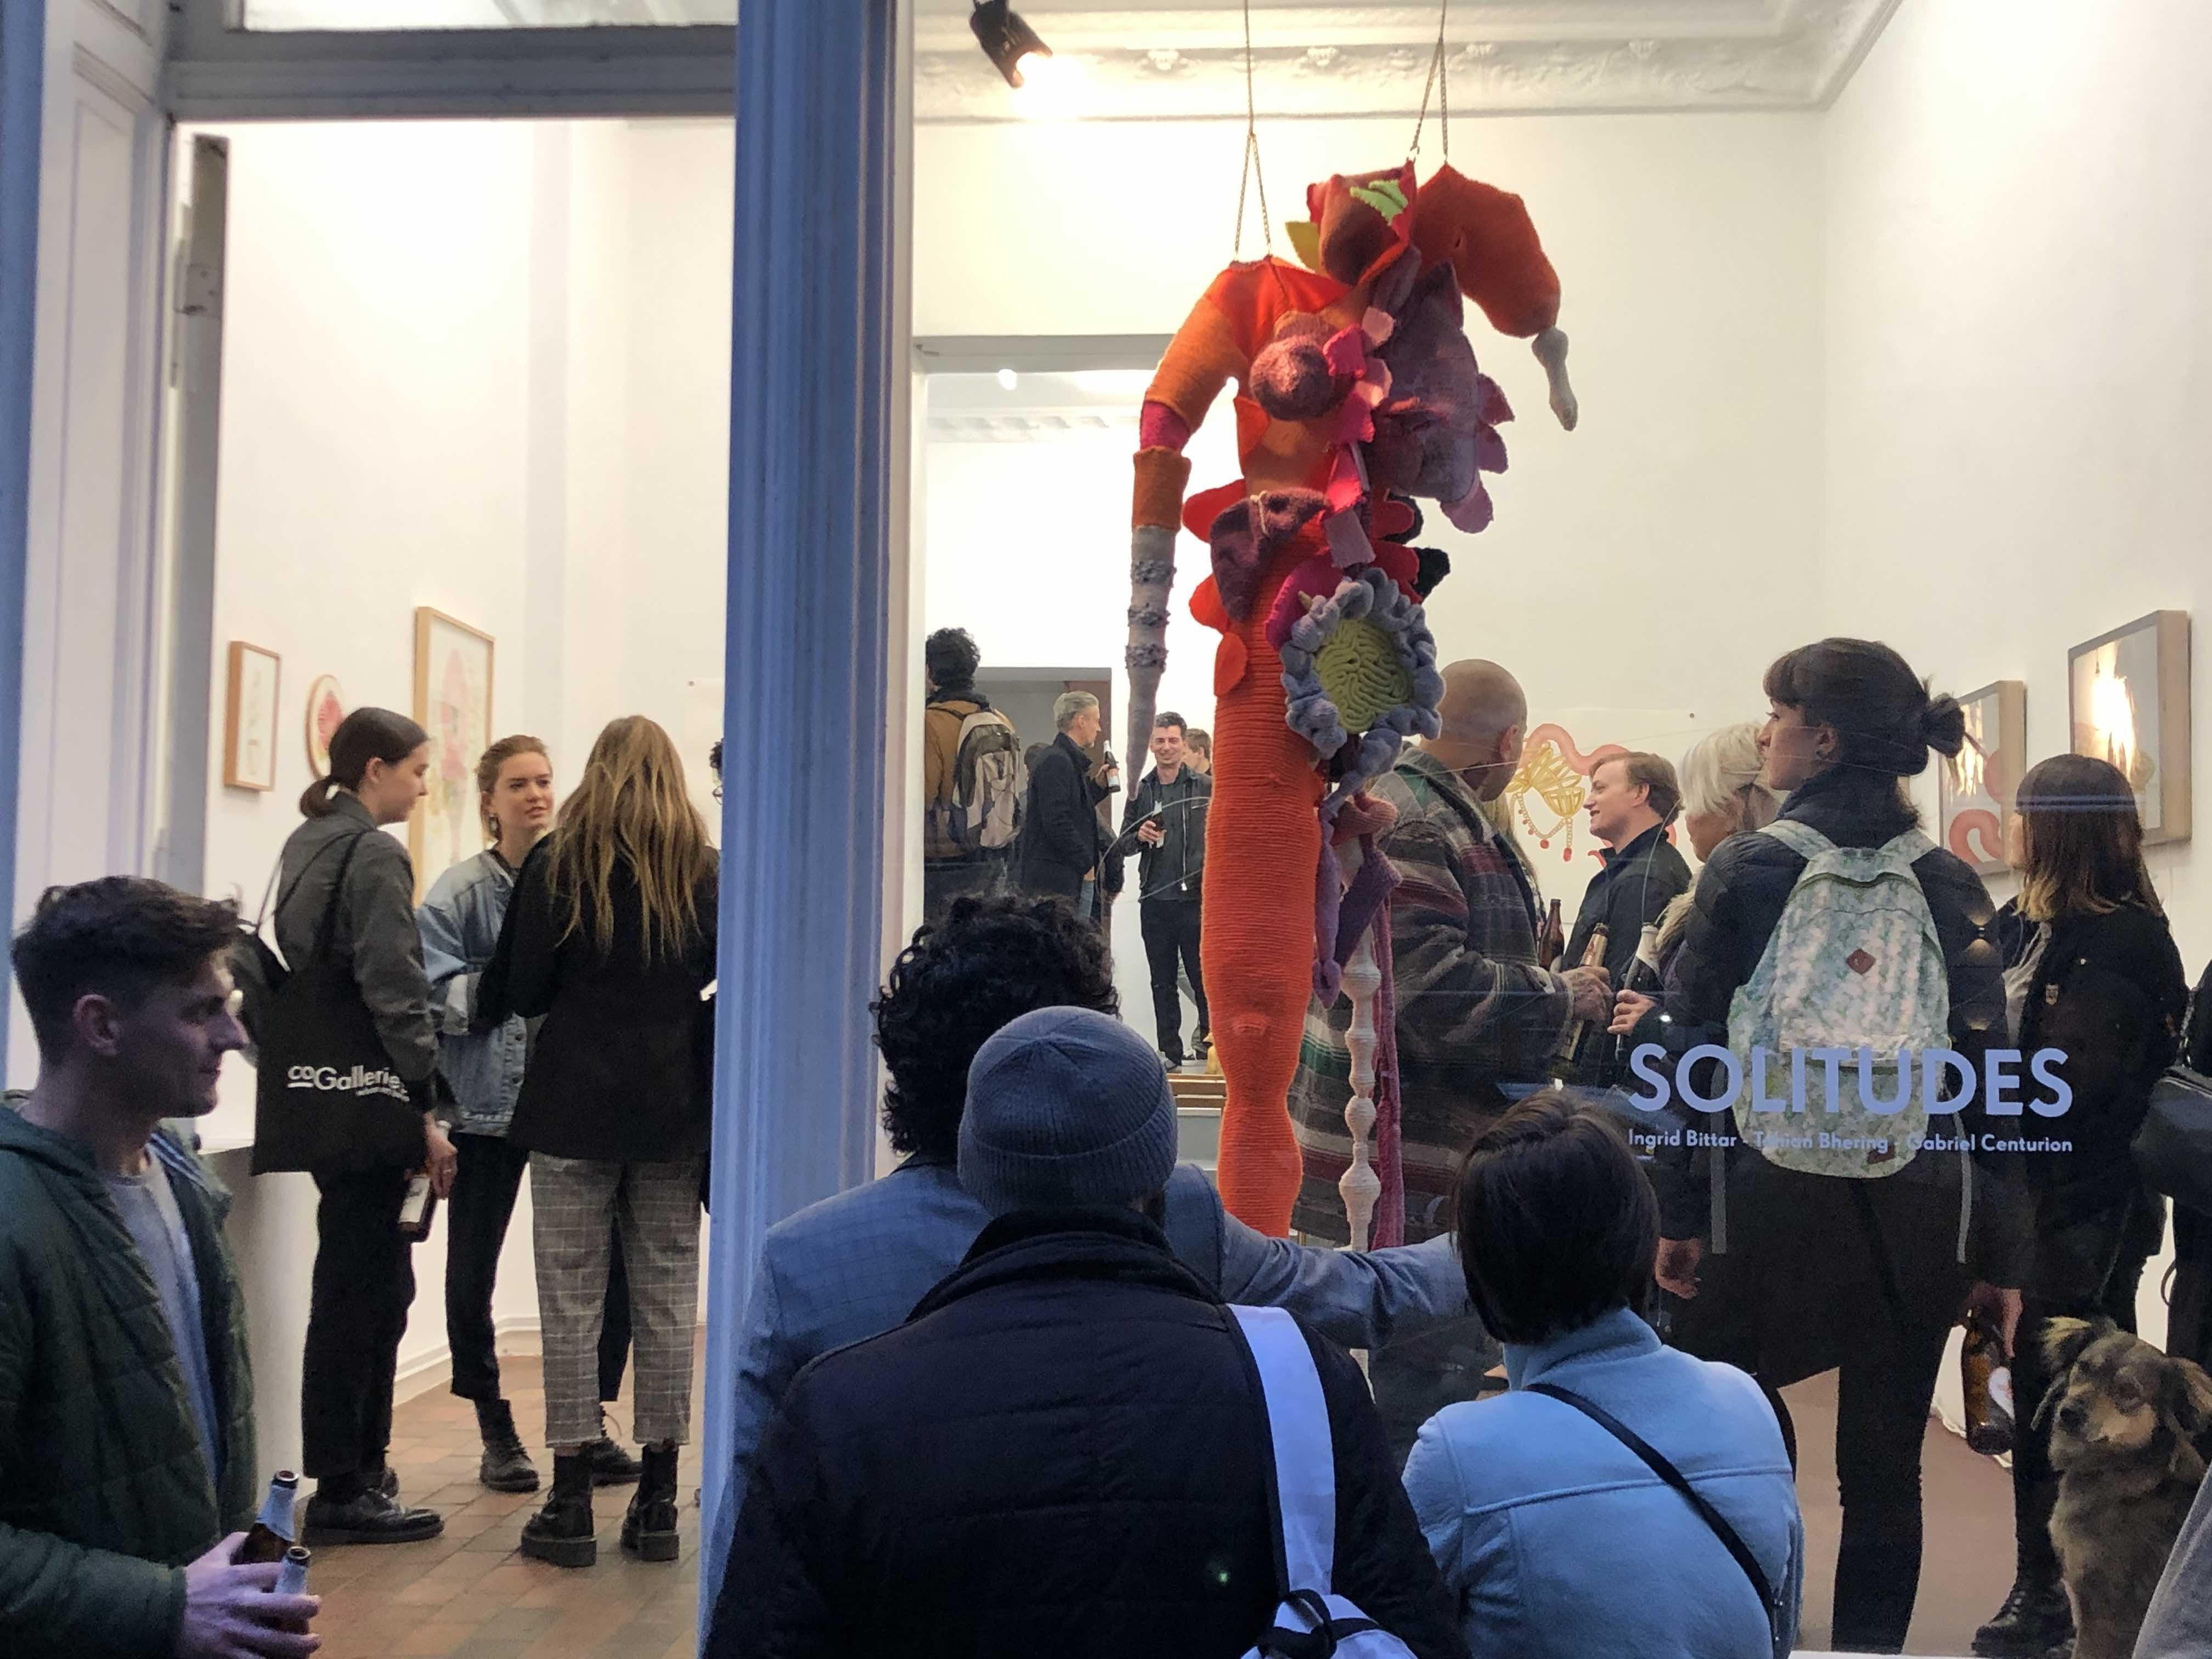 Solitudes Art Gallery Berlin coGalleries